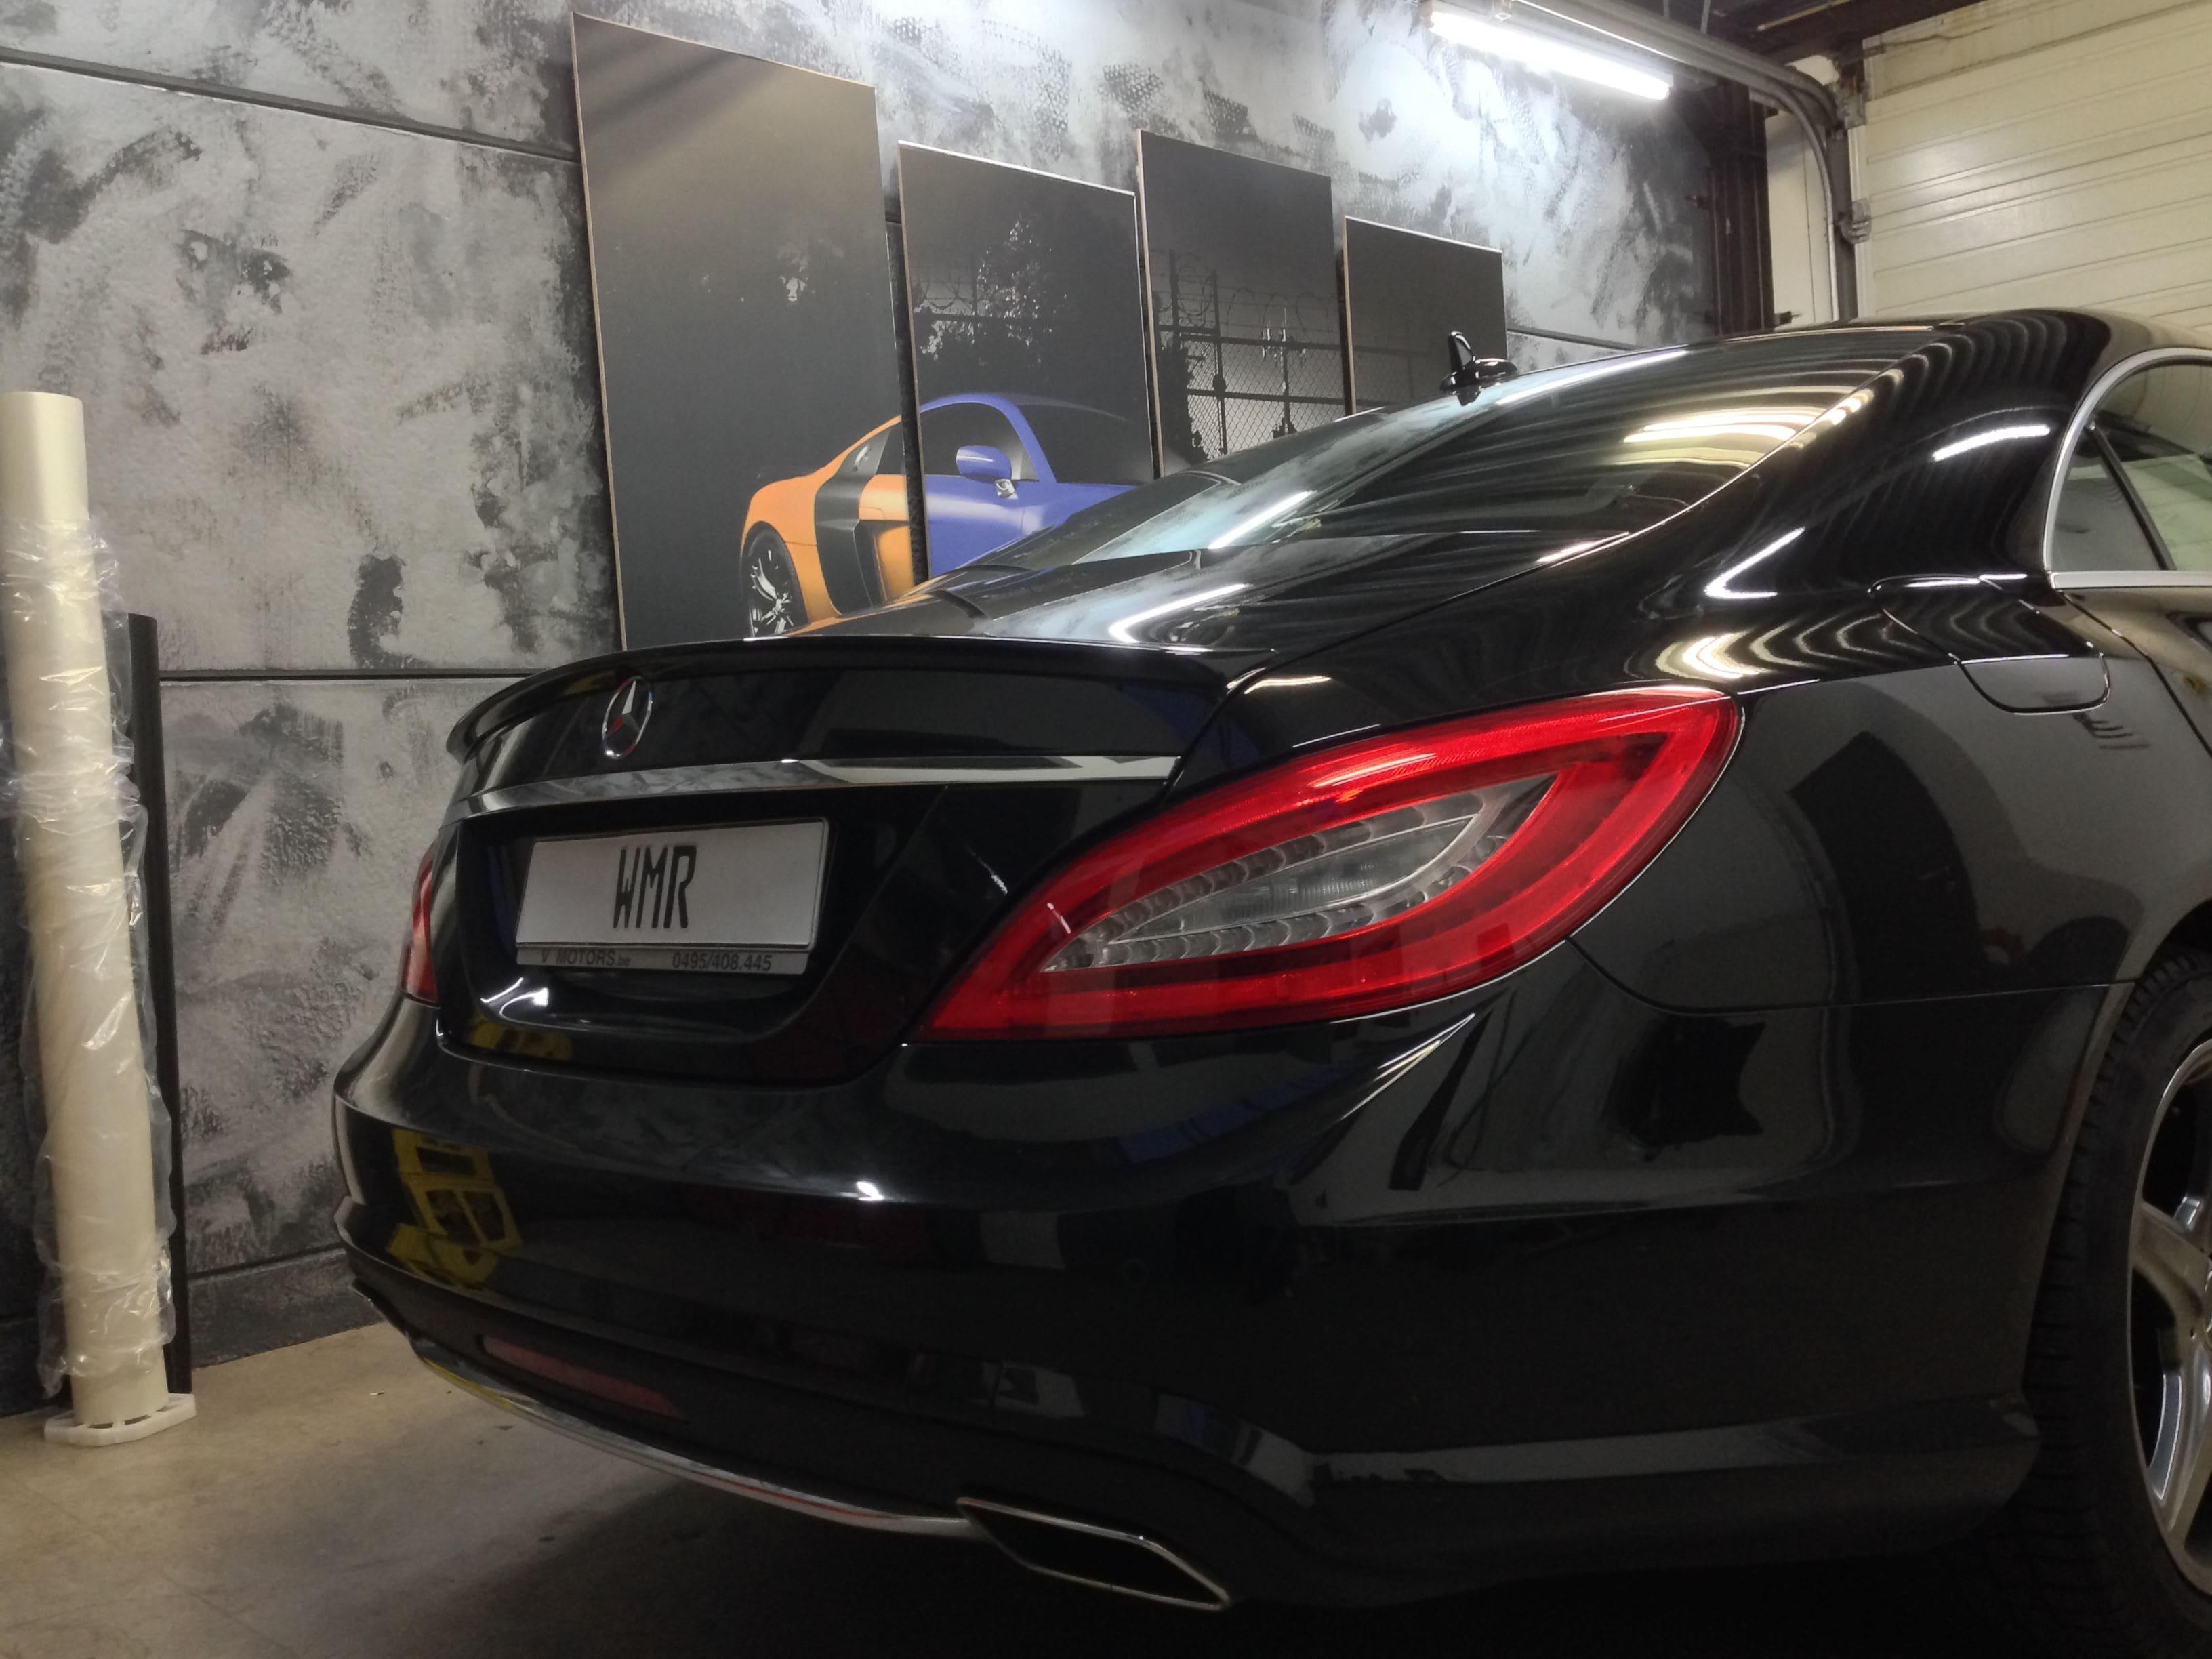 Mercedes CLS met White Satin Pearl Wrap, Carwrapping door Wrapmyride.nu Foto-nr:6174, ©2021